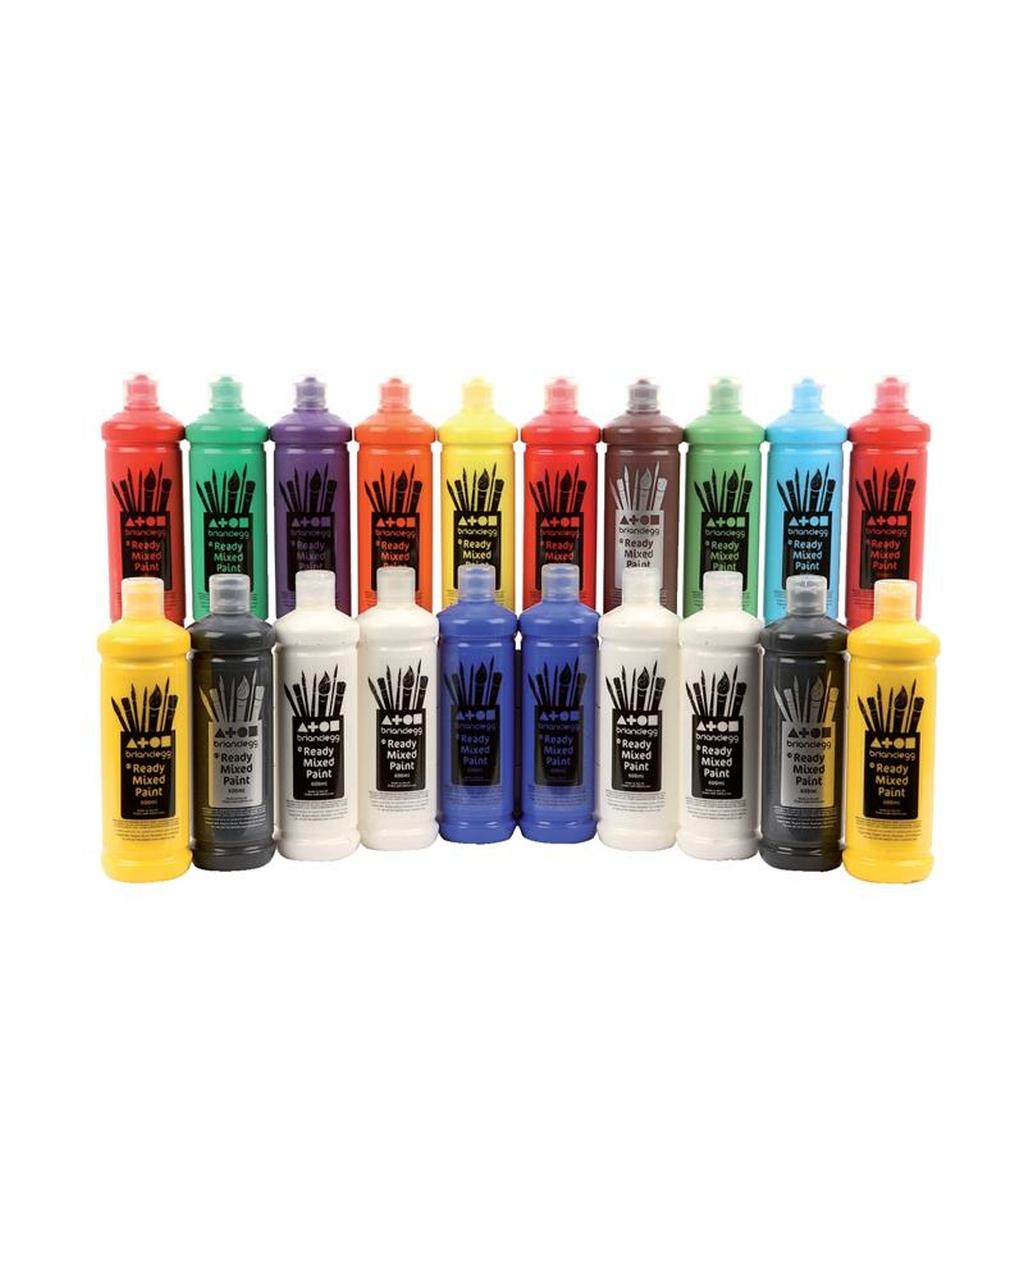 Ready Mixed Paint Class Pack - 600ml bottles